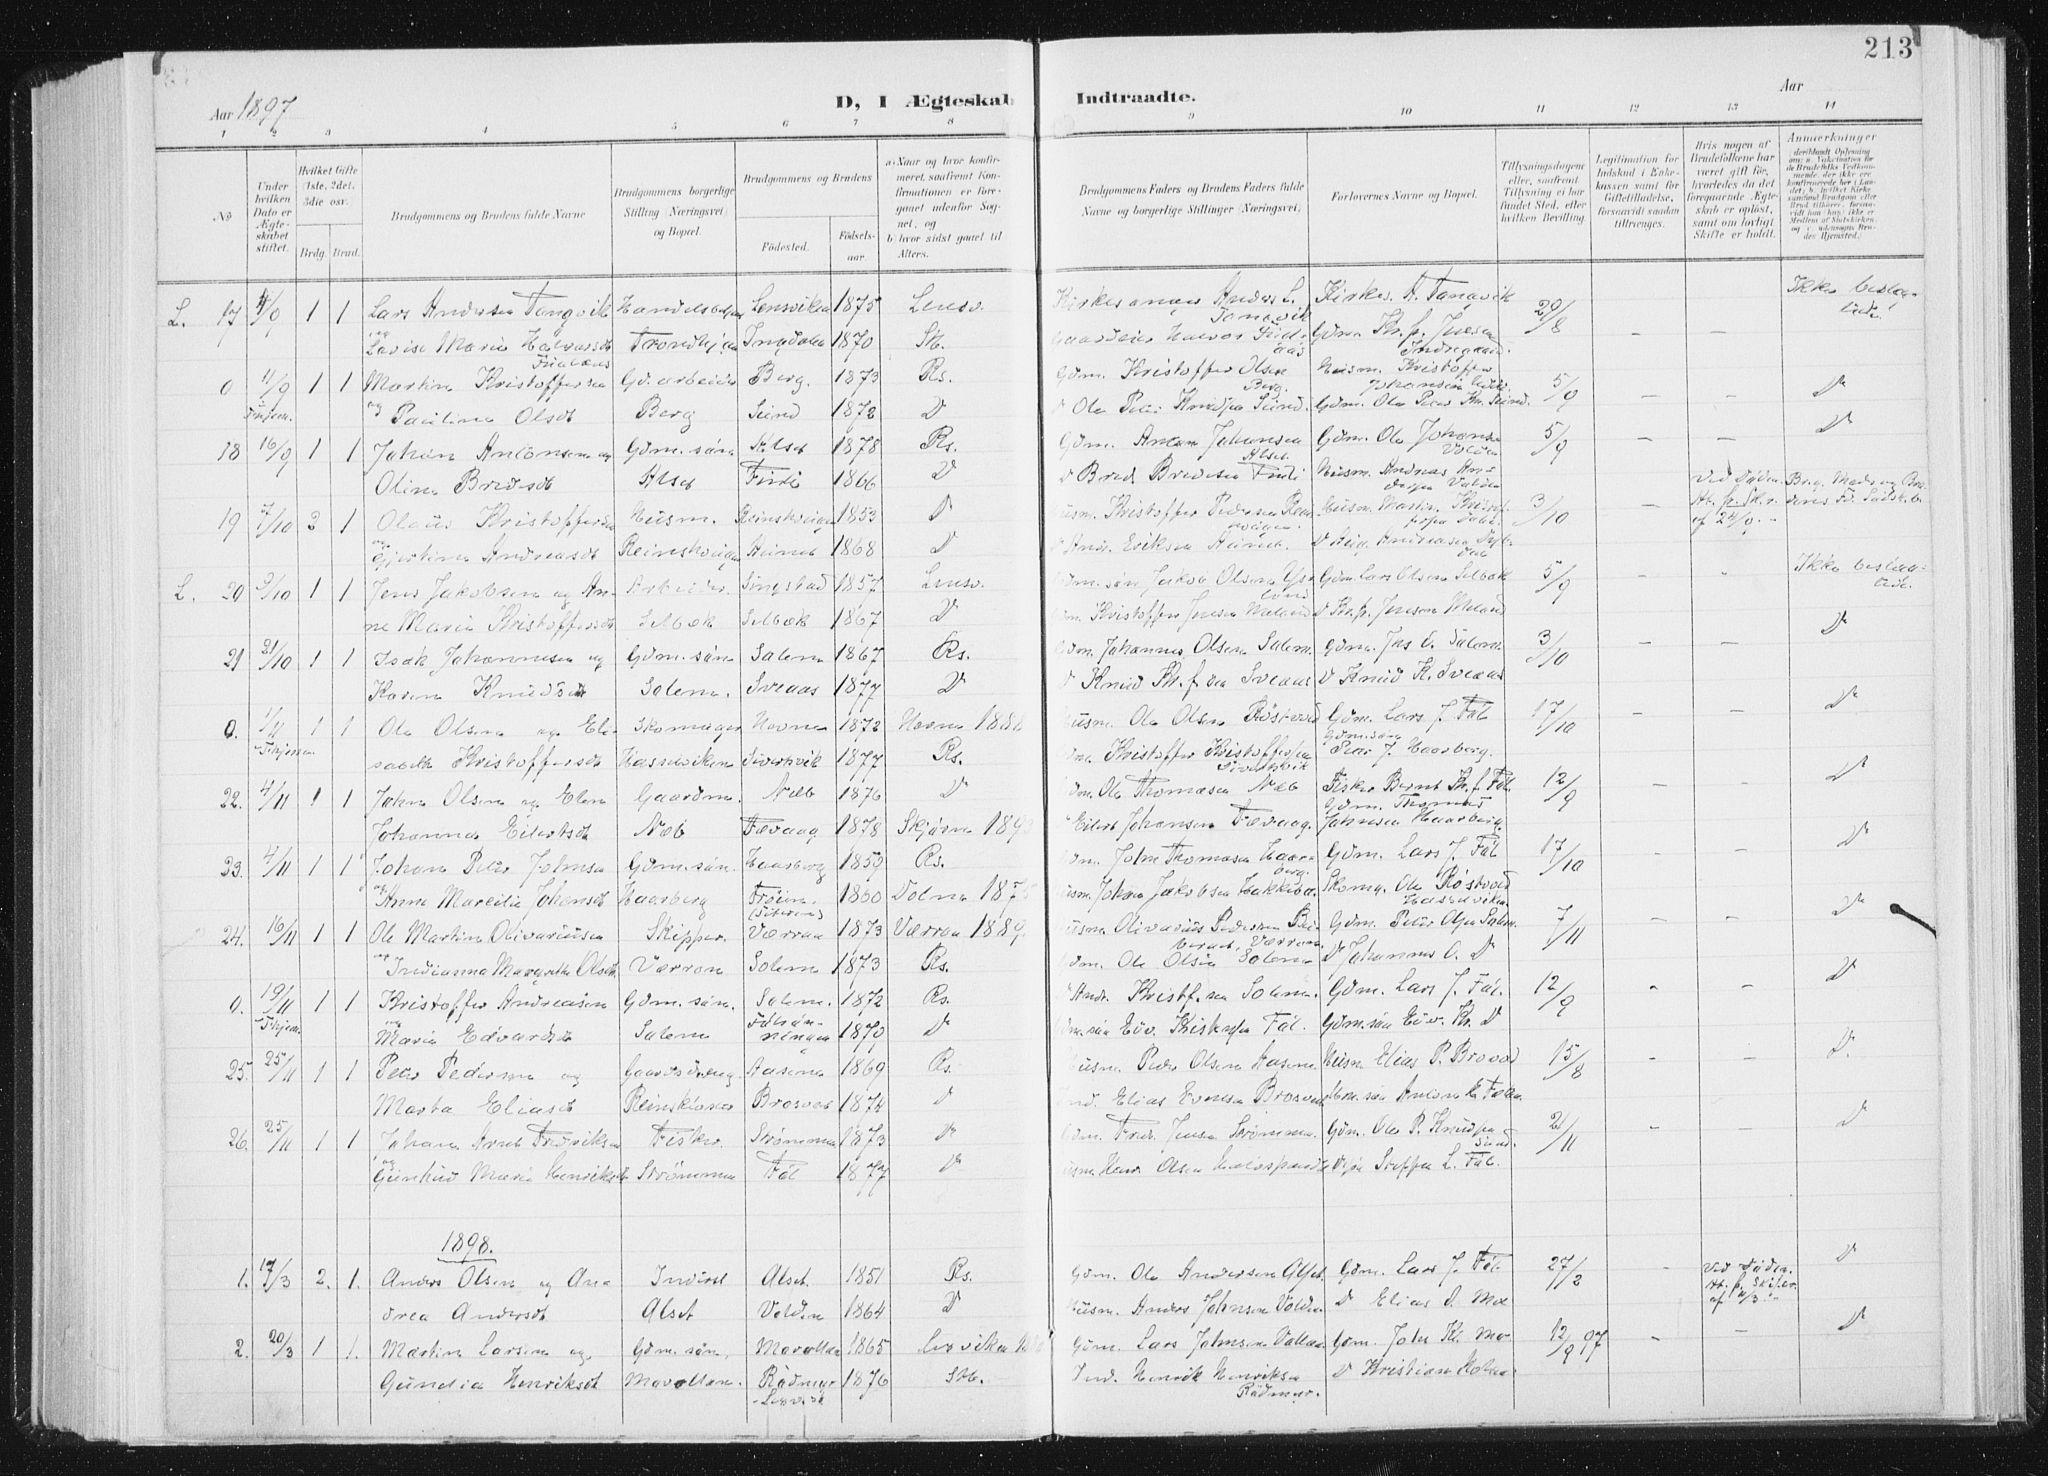 SAT, Ministerialprotokoller, klokkerbøker og fødselsregistre - Sør-Trøndelag, 647/L0635: Ministerialbok nr. 647A02, 1896-1911, s. 213